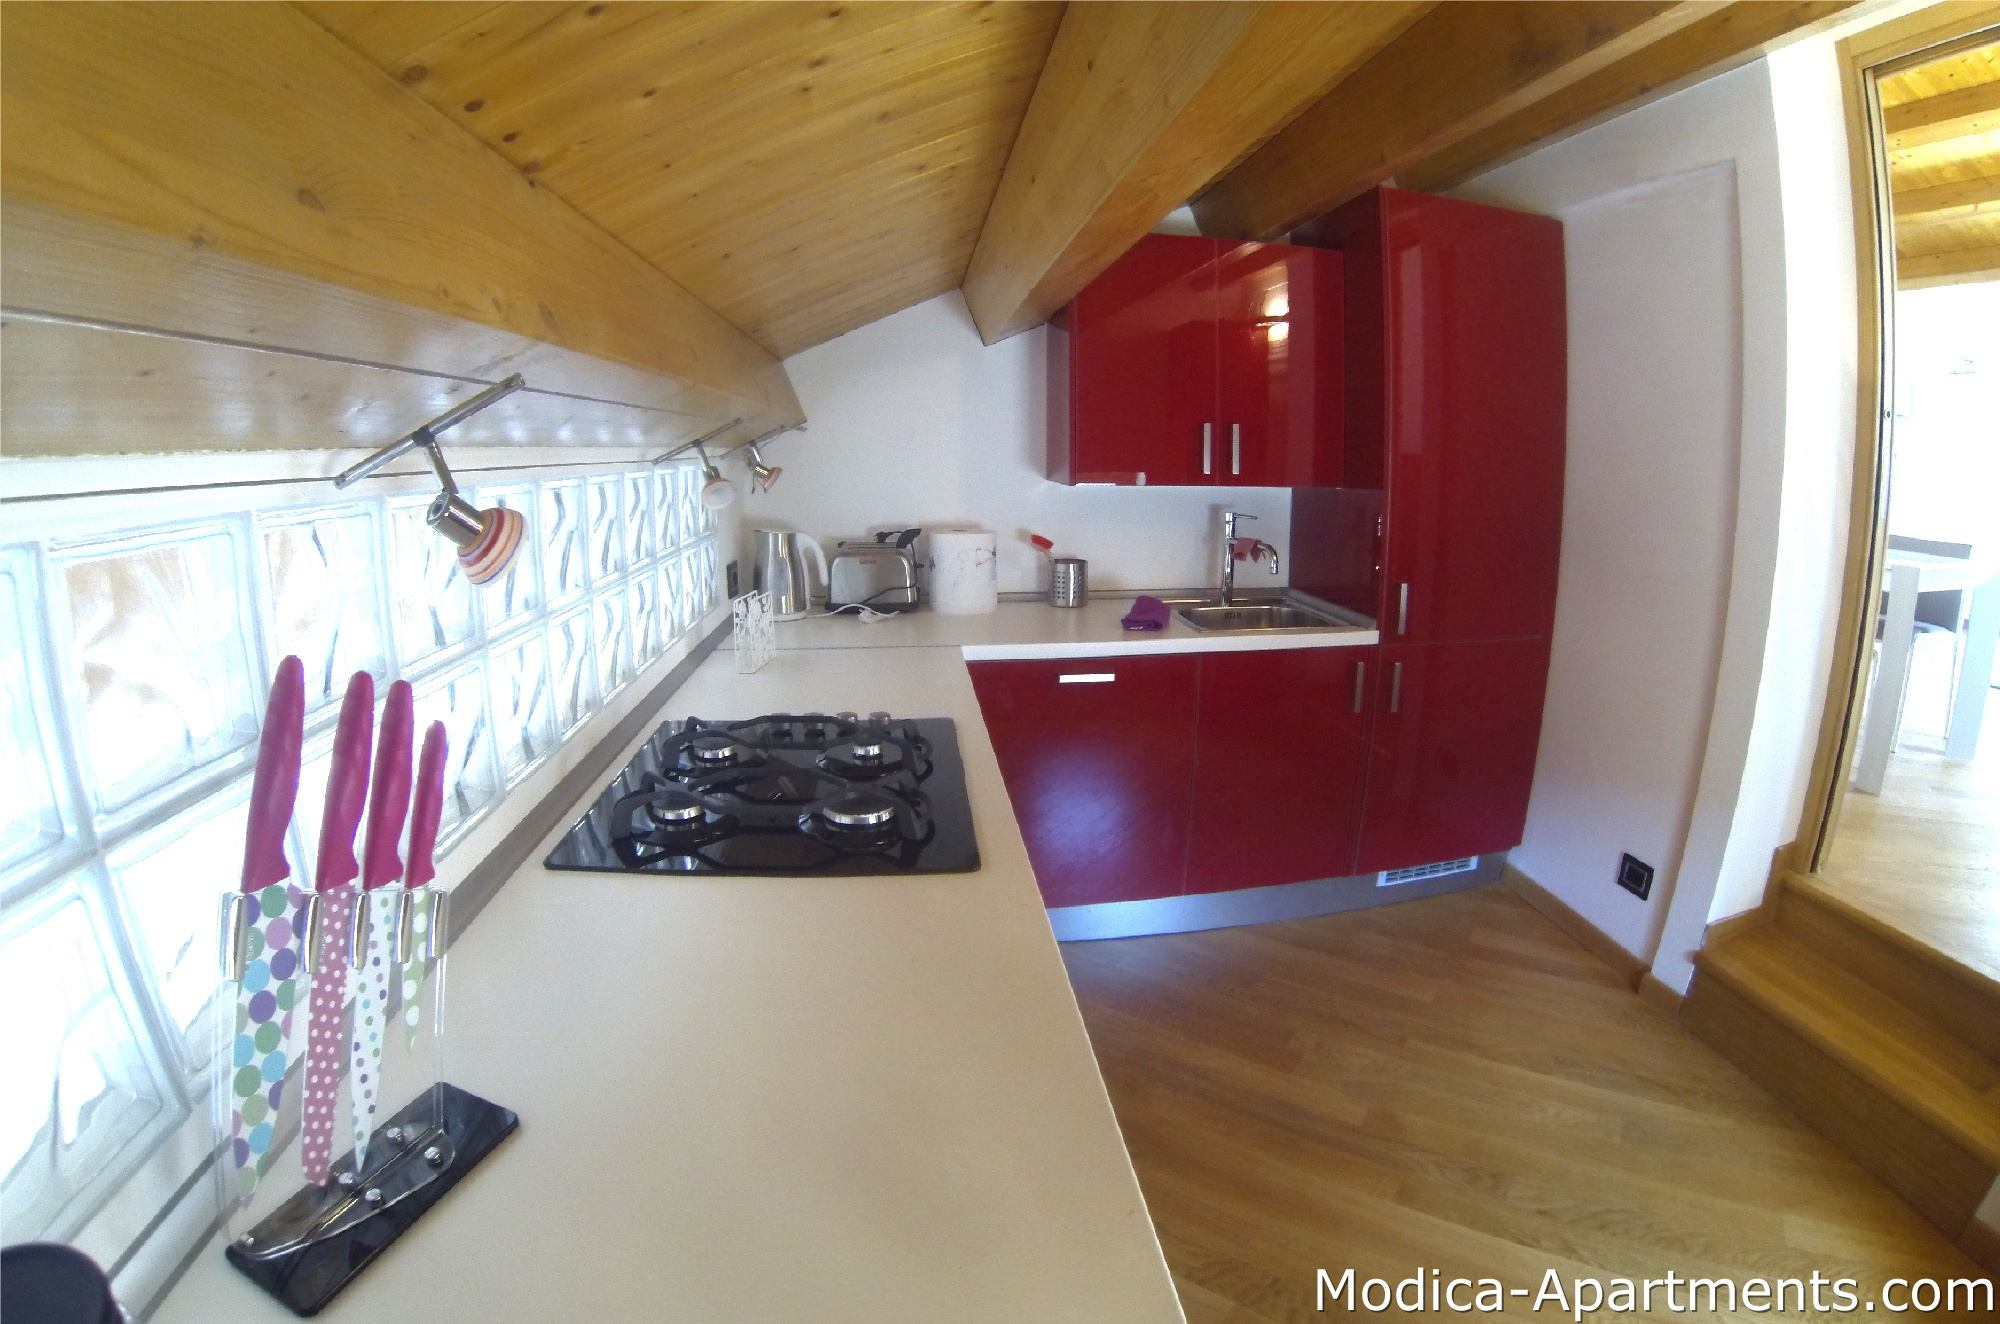 Giulietta apartments for rent in sicily modica